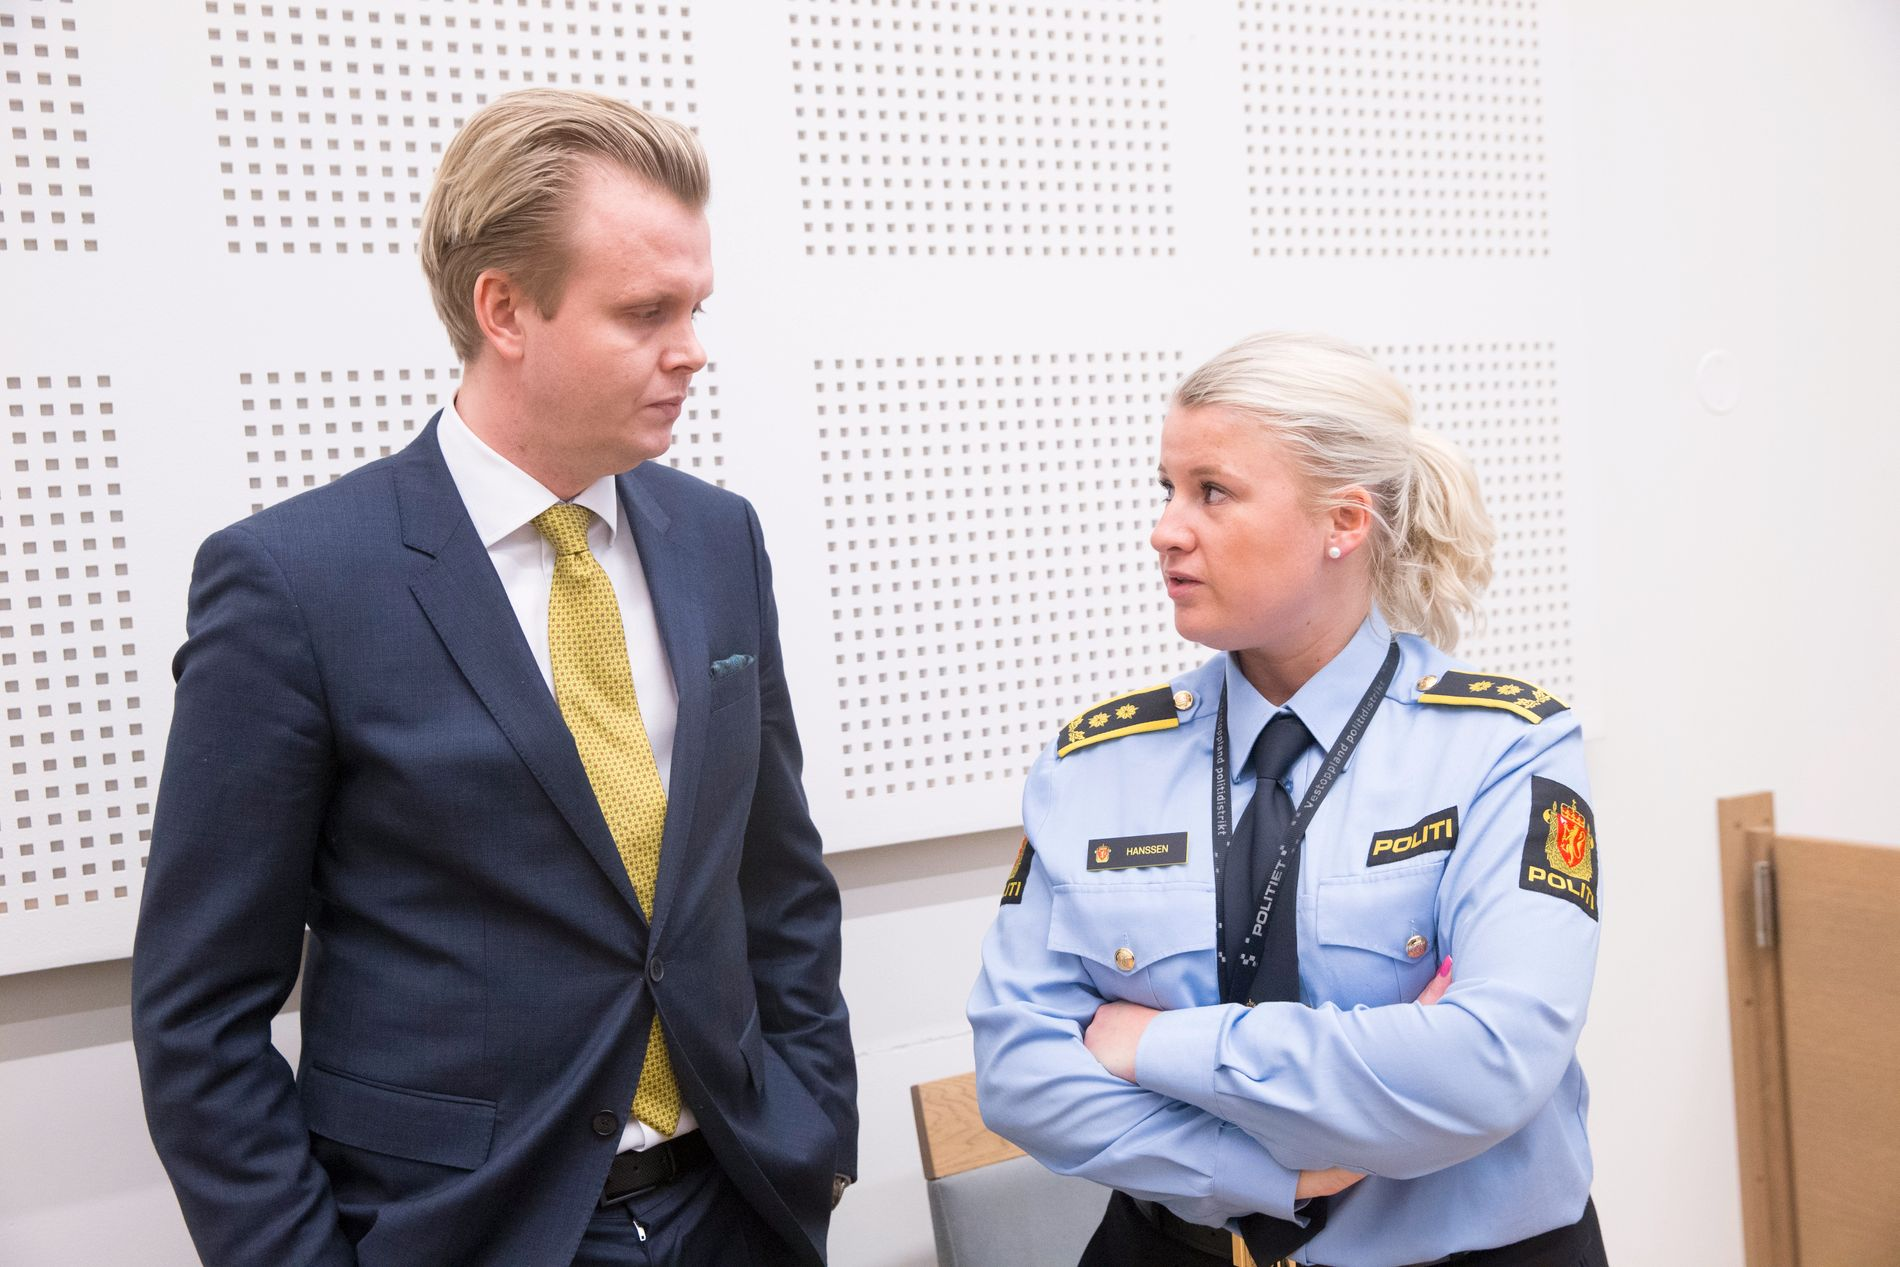 Bistandsadvokat Bendik Støen Thoresen og politiadvokat Trine Hanssen under den første fengslingen på Gjøvik tinghus. Etterforskningen er nå avsluttet.